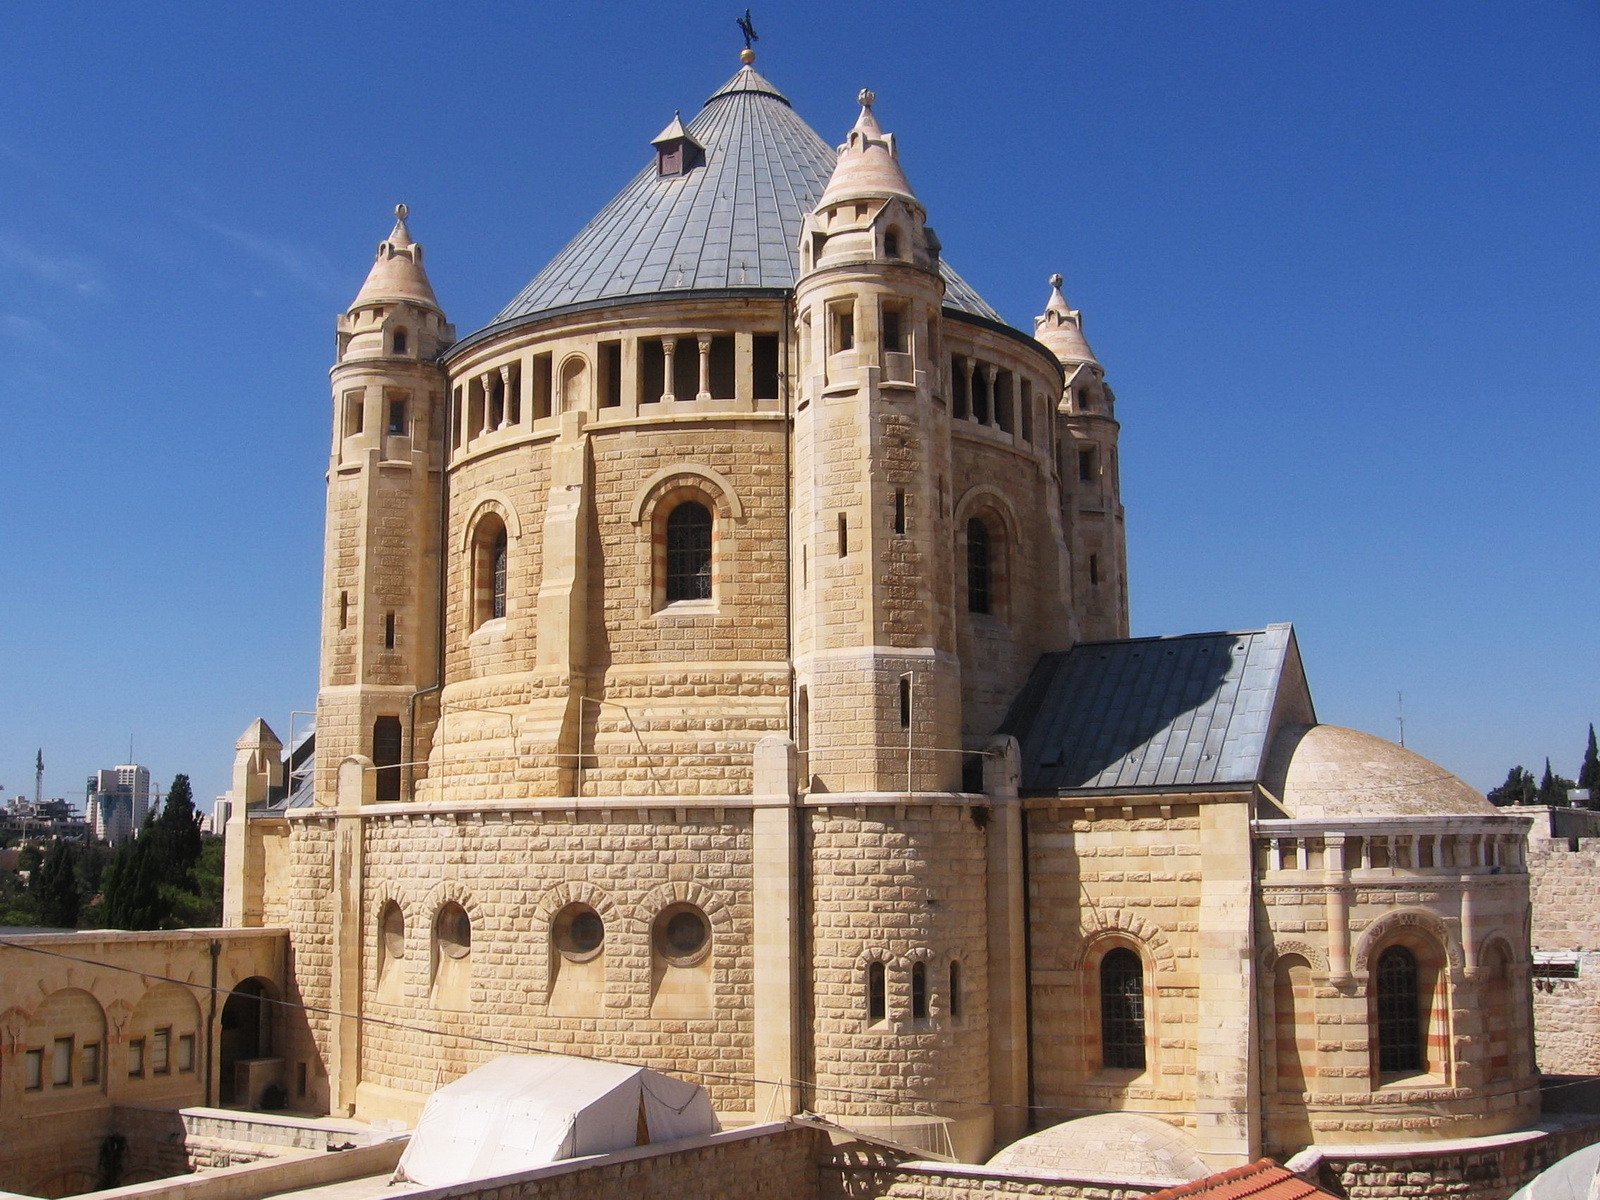 כנסיות בירושלים - כנסיית הדורמציון על הר ציון